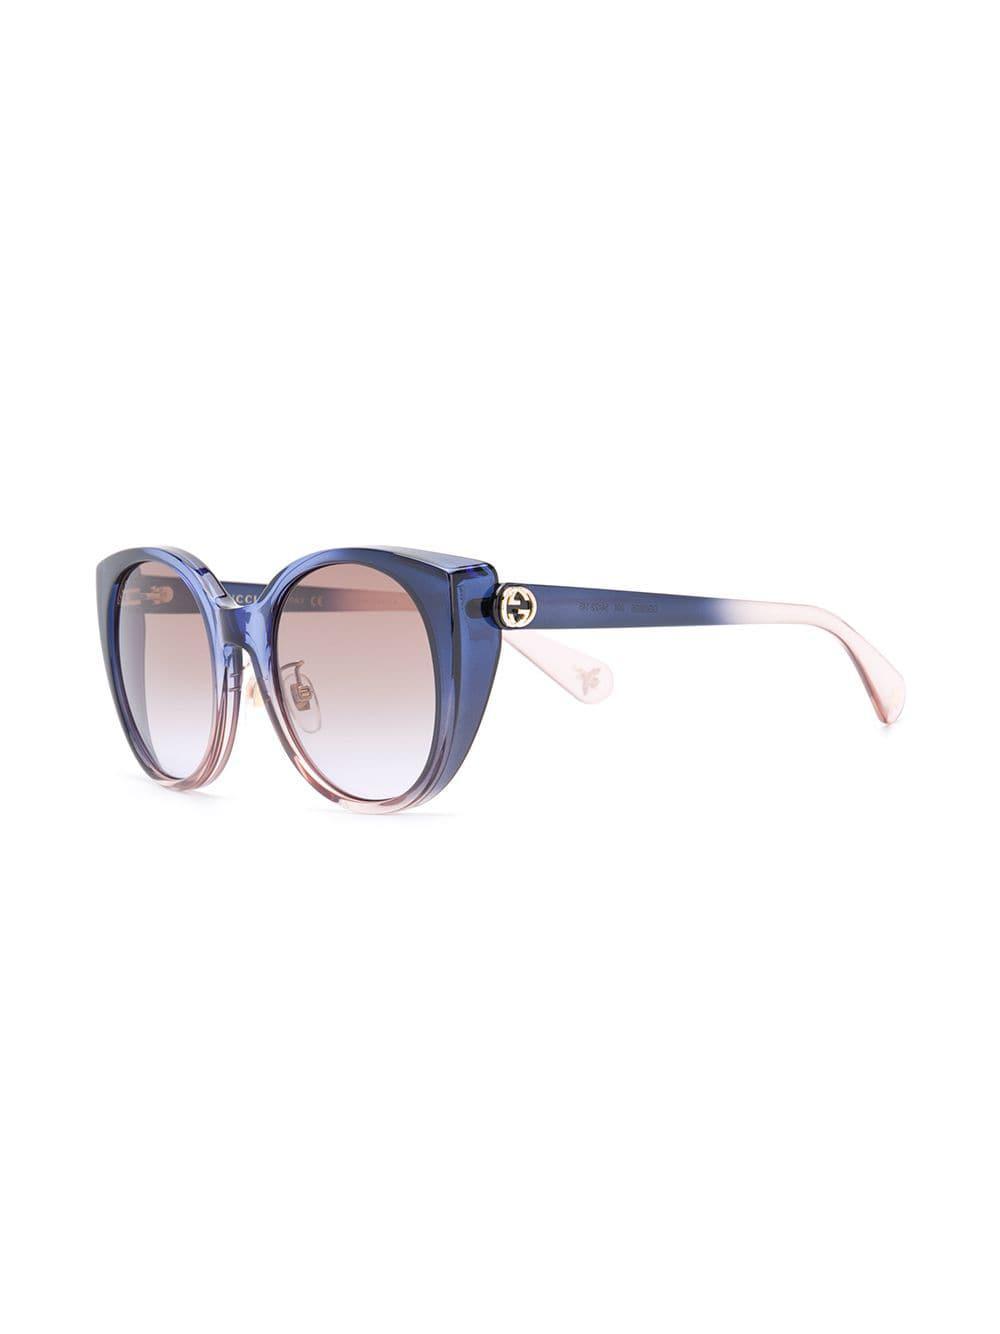 e489d59f744 Gucci Oversized Cat Eye Sunglasses in Blue - Lyst